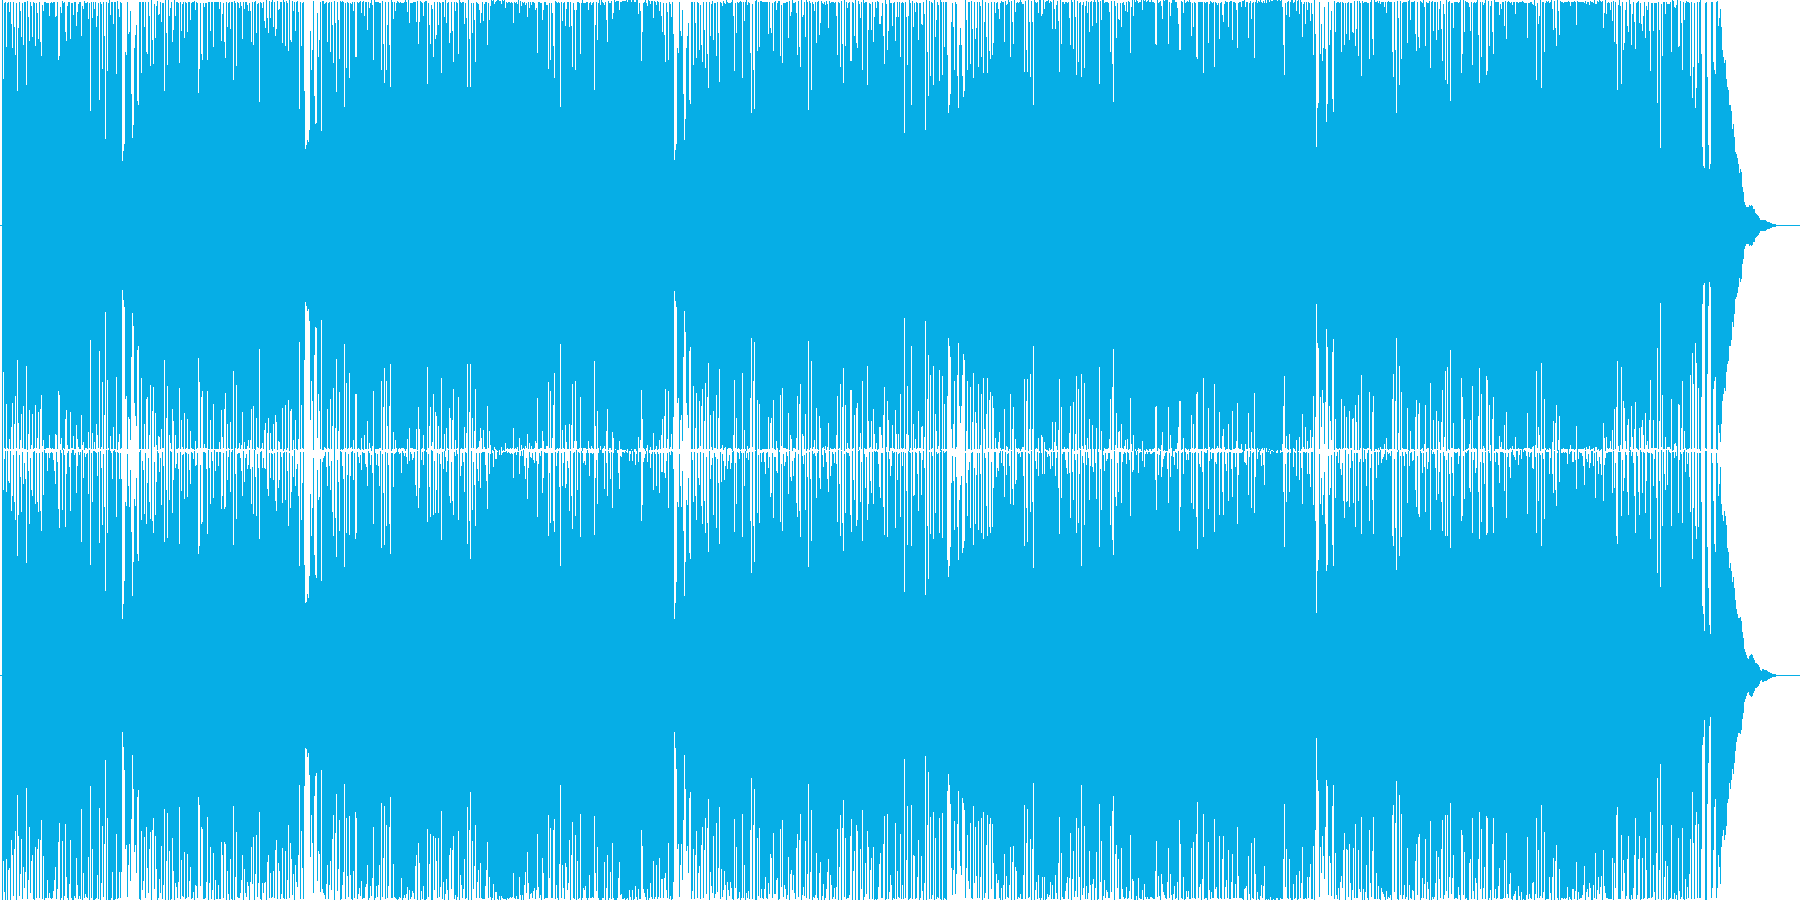 ラーメンを題材とした疾走感ある昭和ロックの再生済みの波形